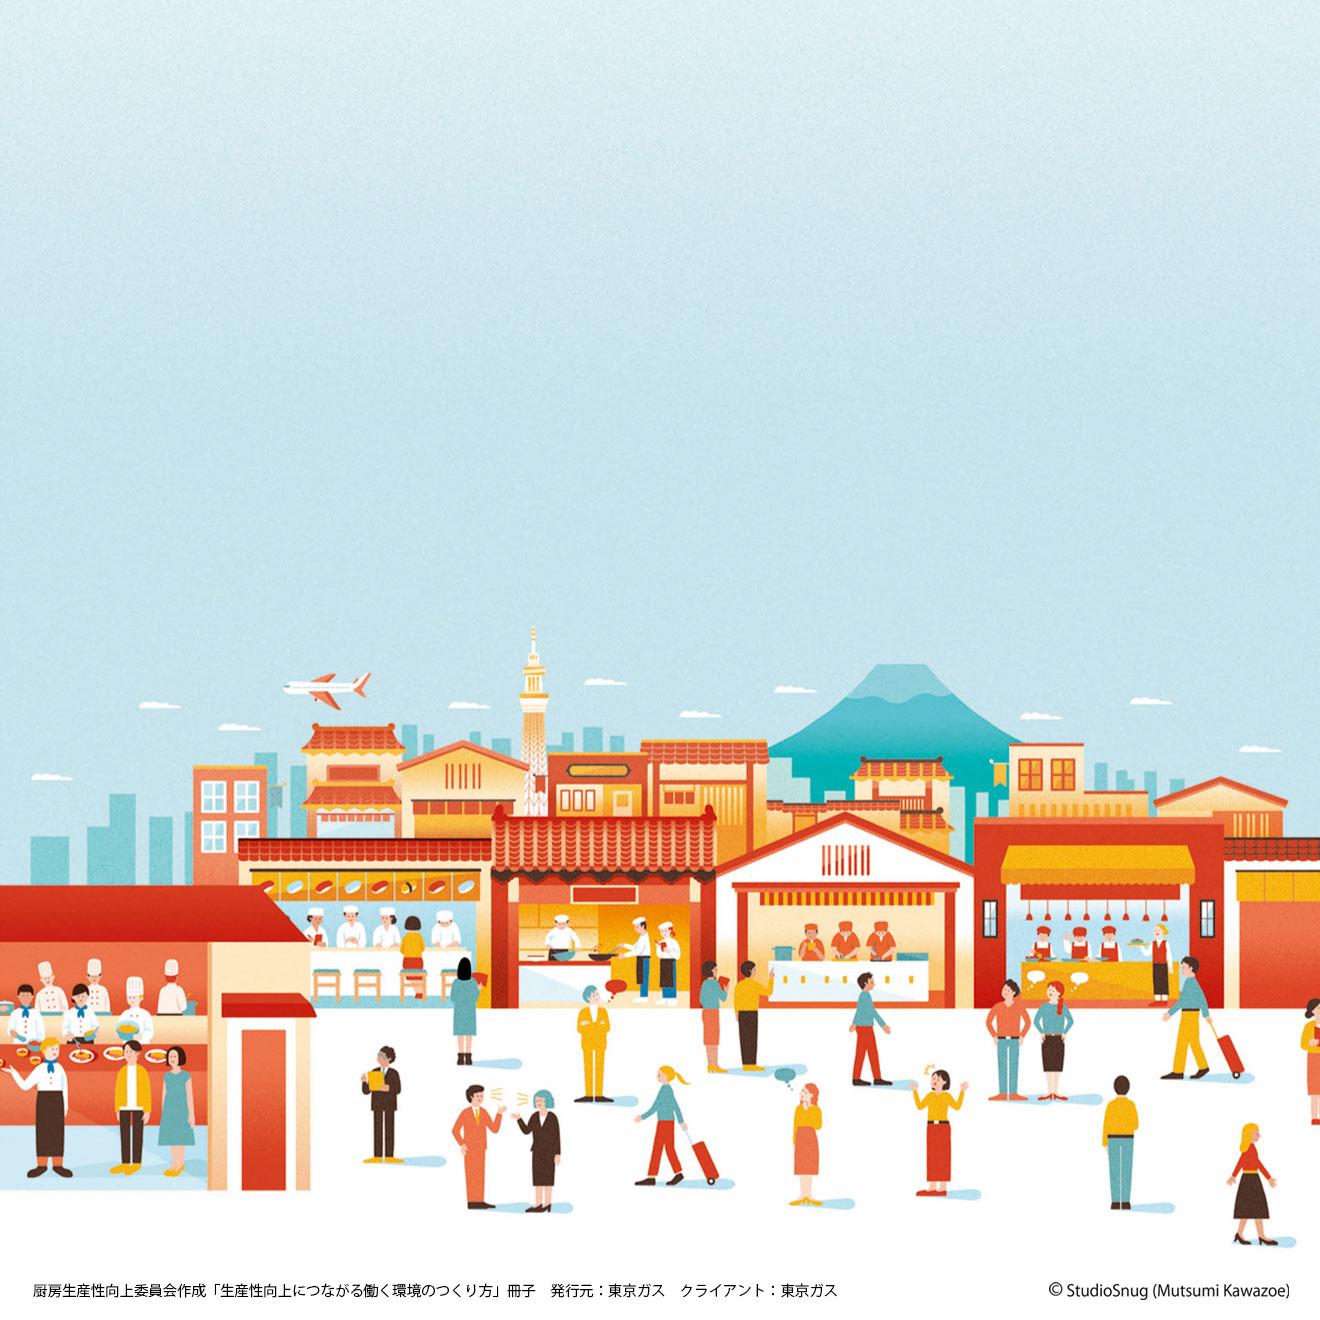 東京ガス発行の「生産性向上につながる働く環境の作り方」冊子